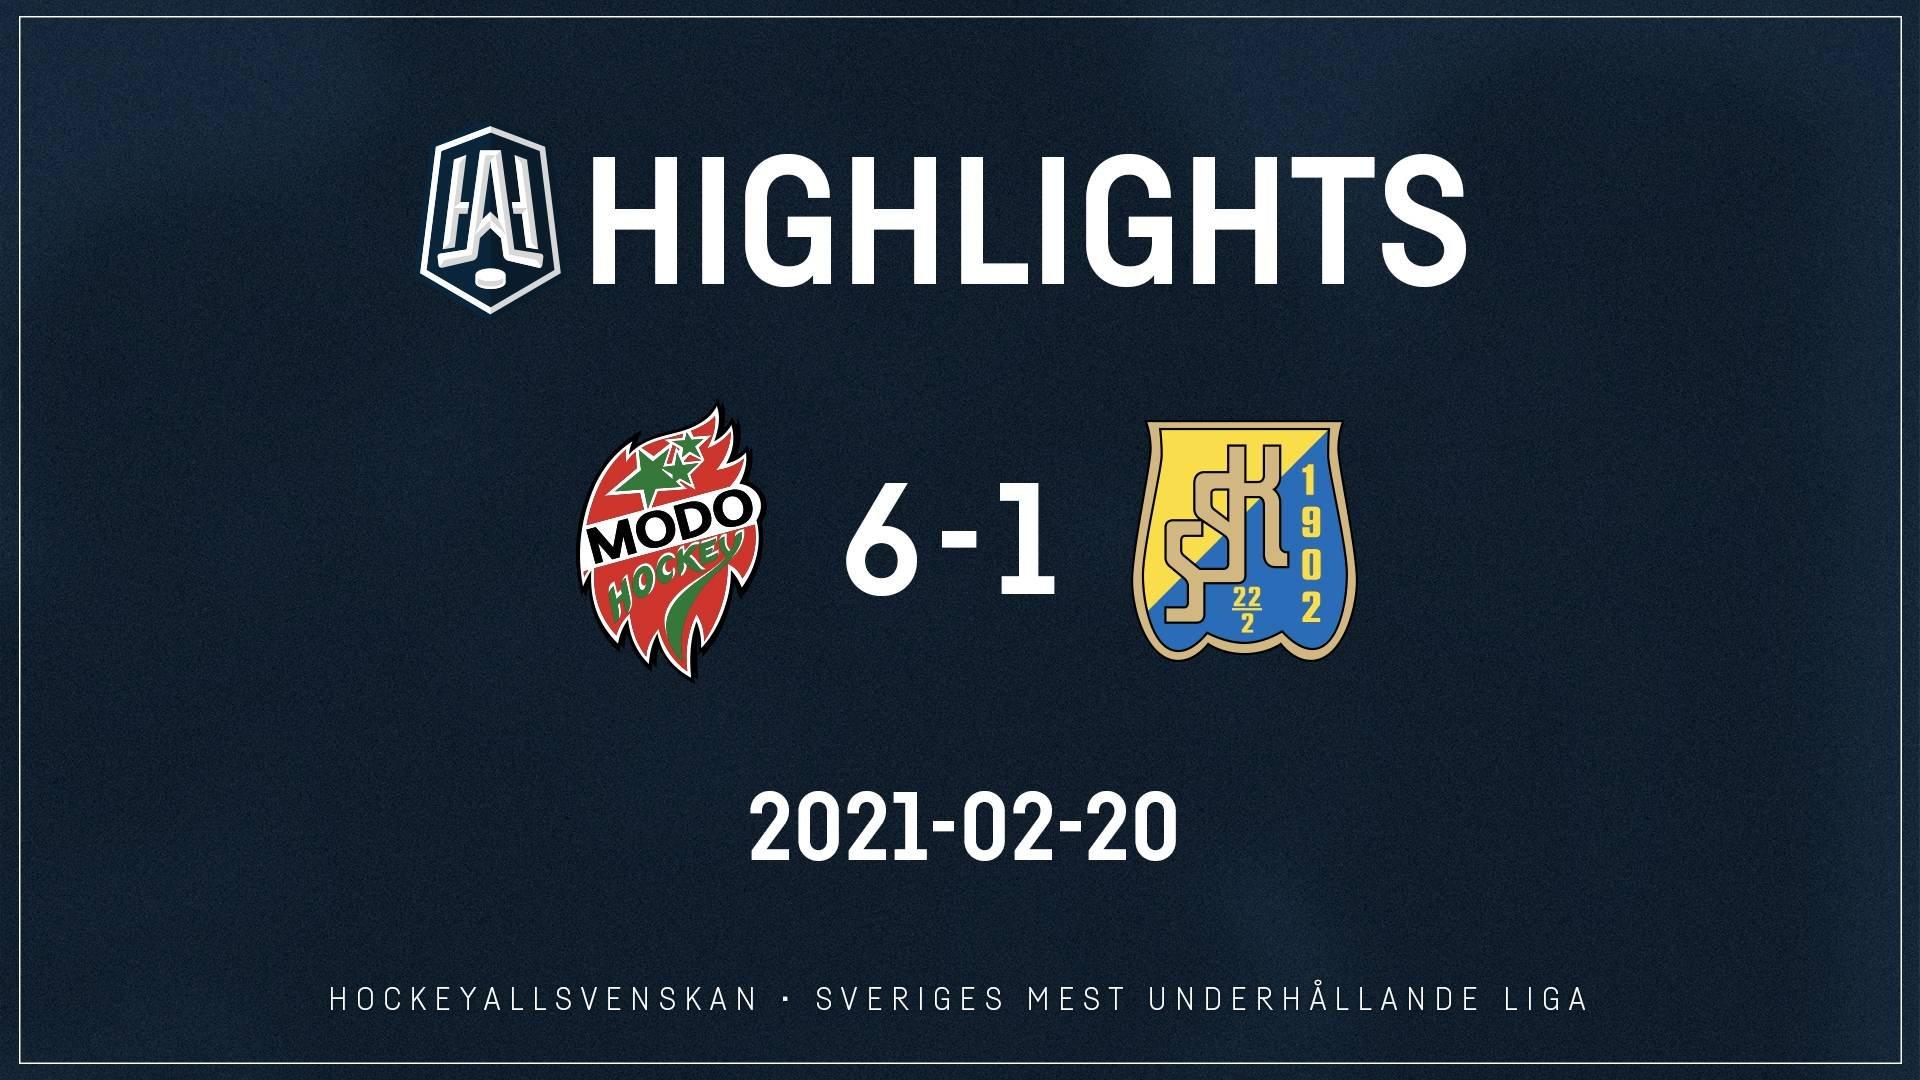 2021-02-20 MODO - Västerås 6-1